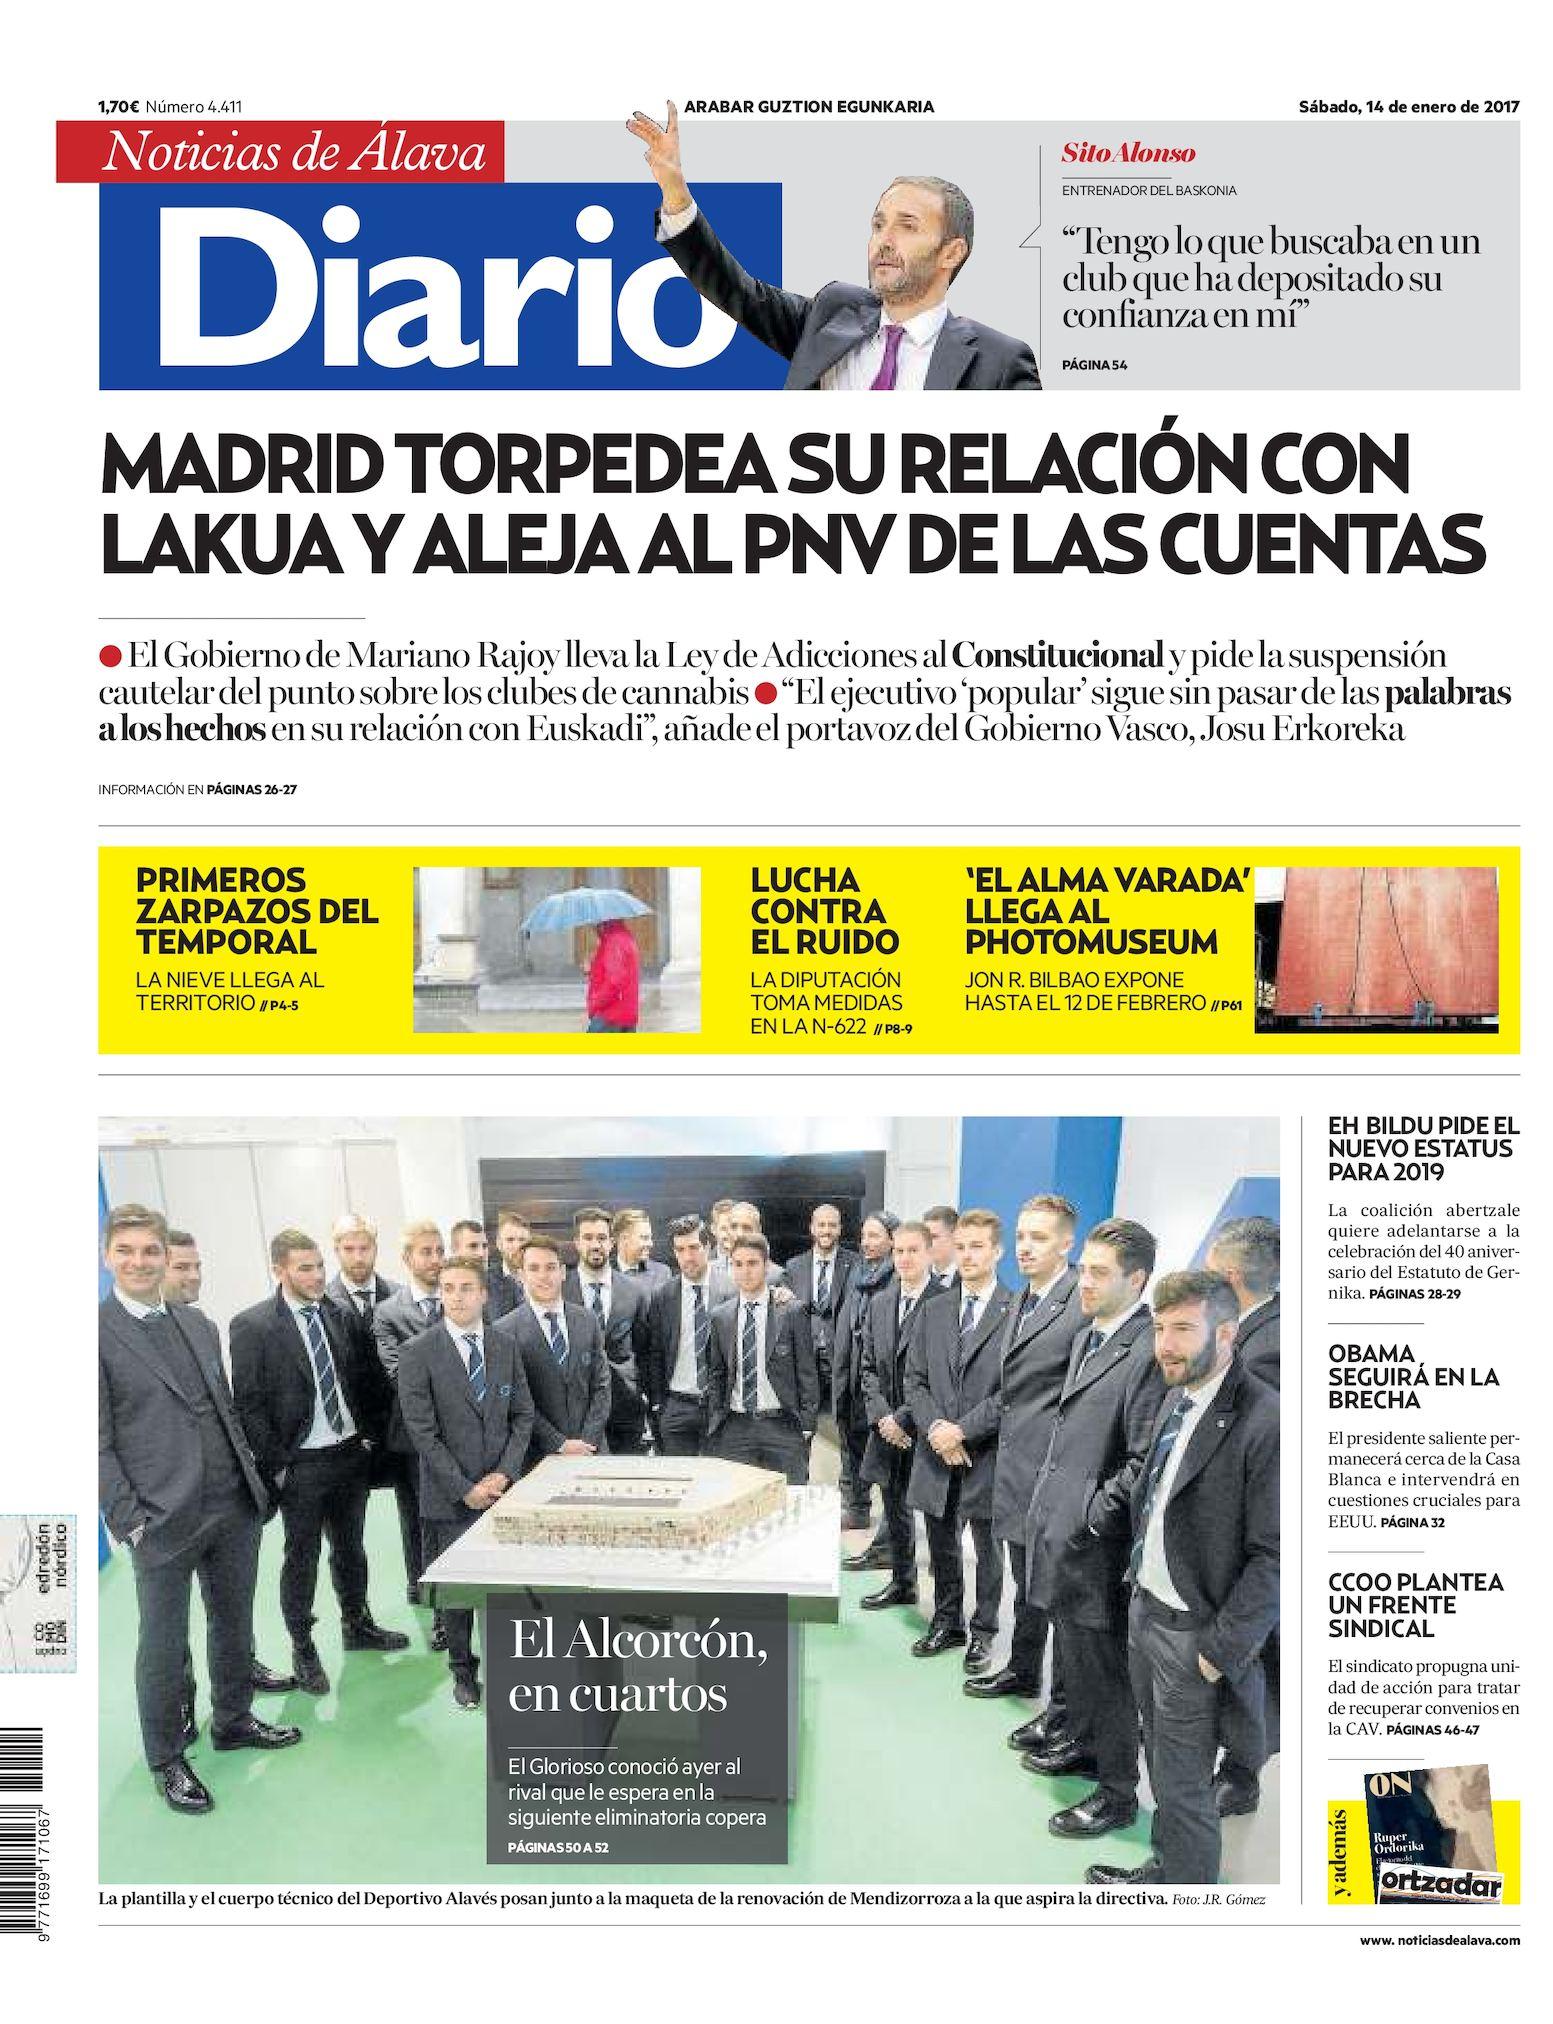 Calaméo - Diario de Noticias de Álava 20170114 fd26044f00a